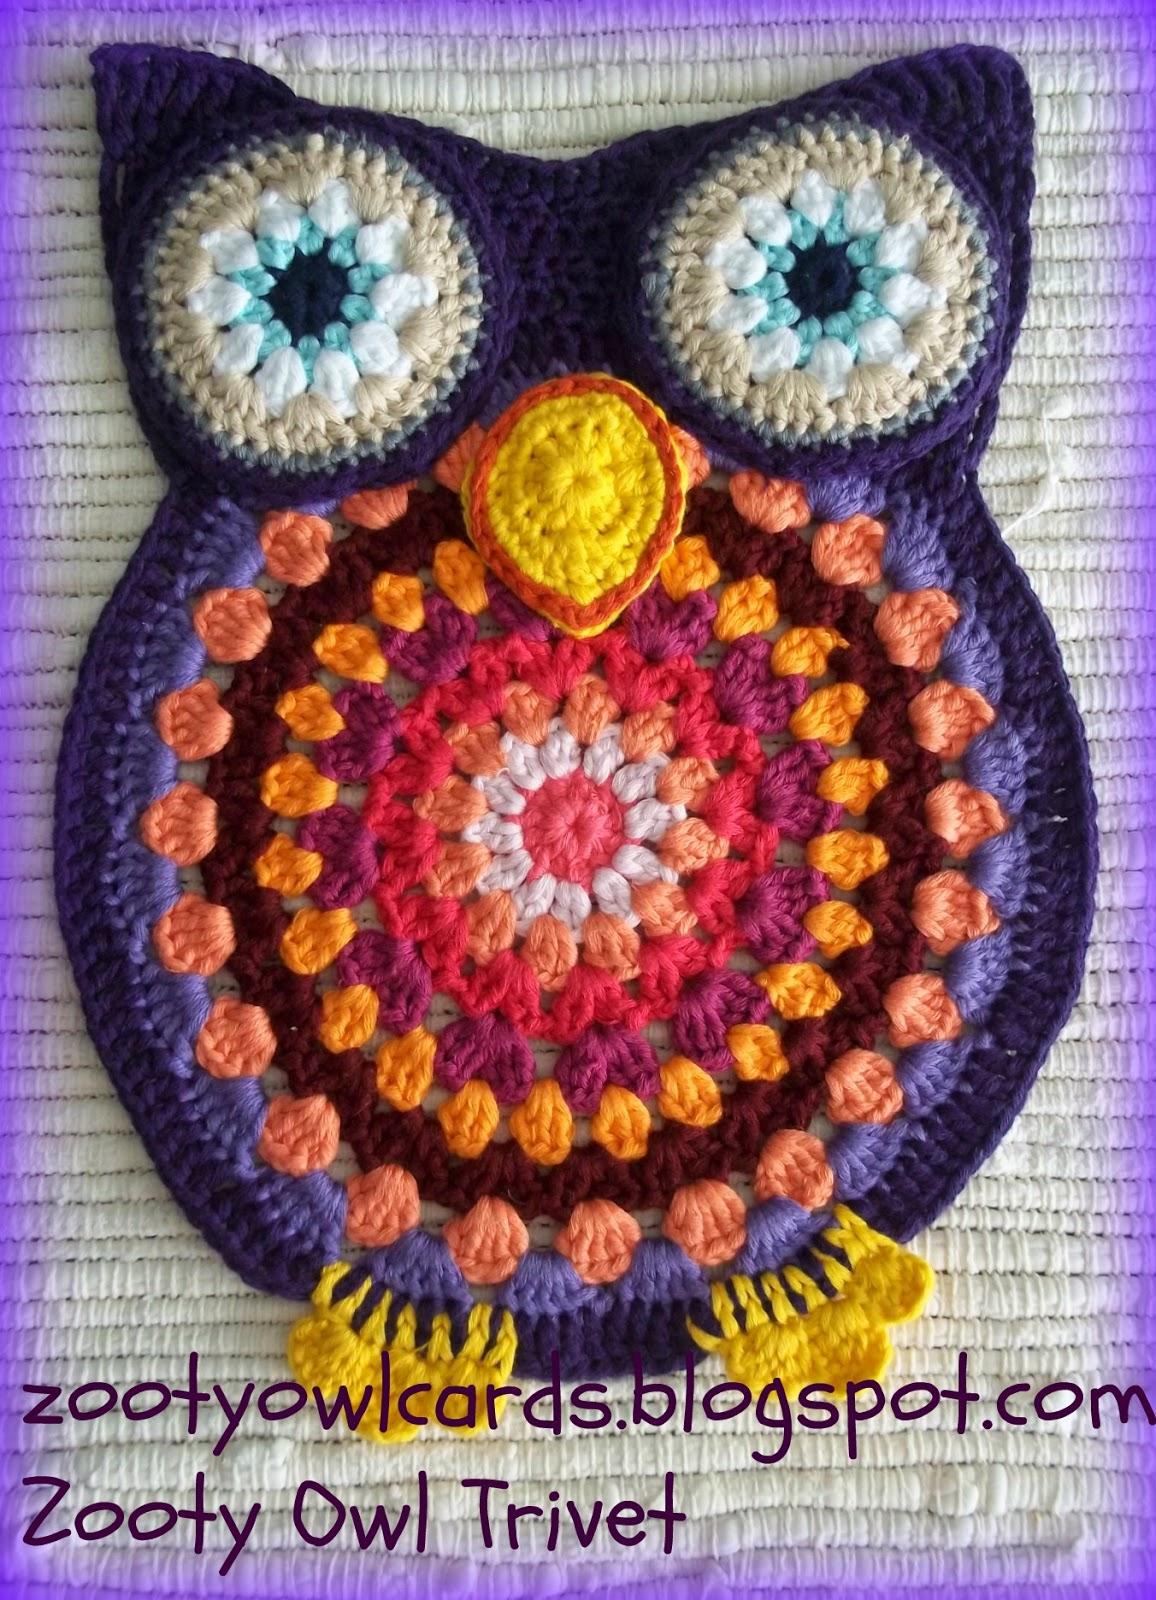 Crochet Trivets Free Pattern Zooty Owls Crafty Blog Zooty Owl Trivets Pattern